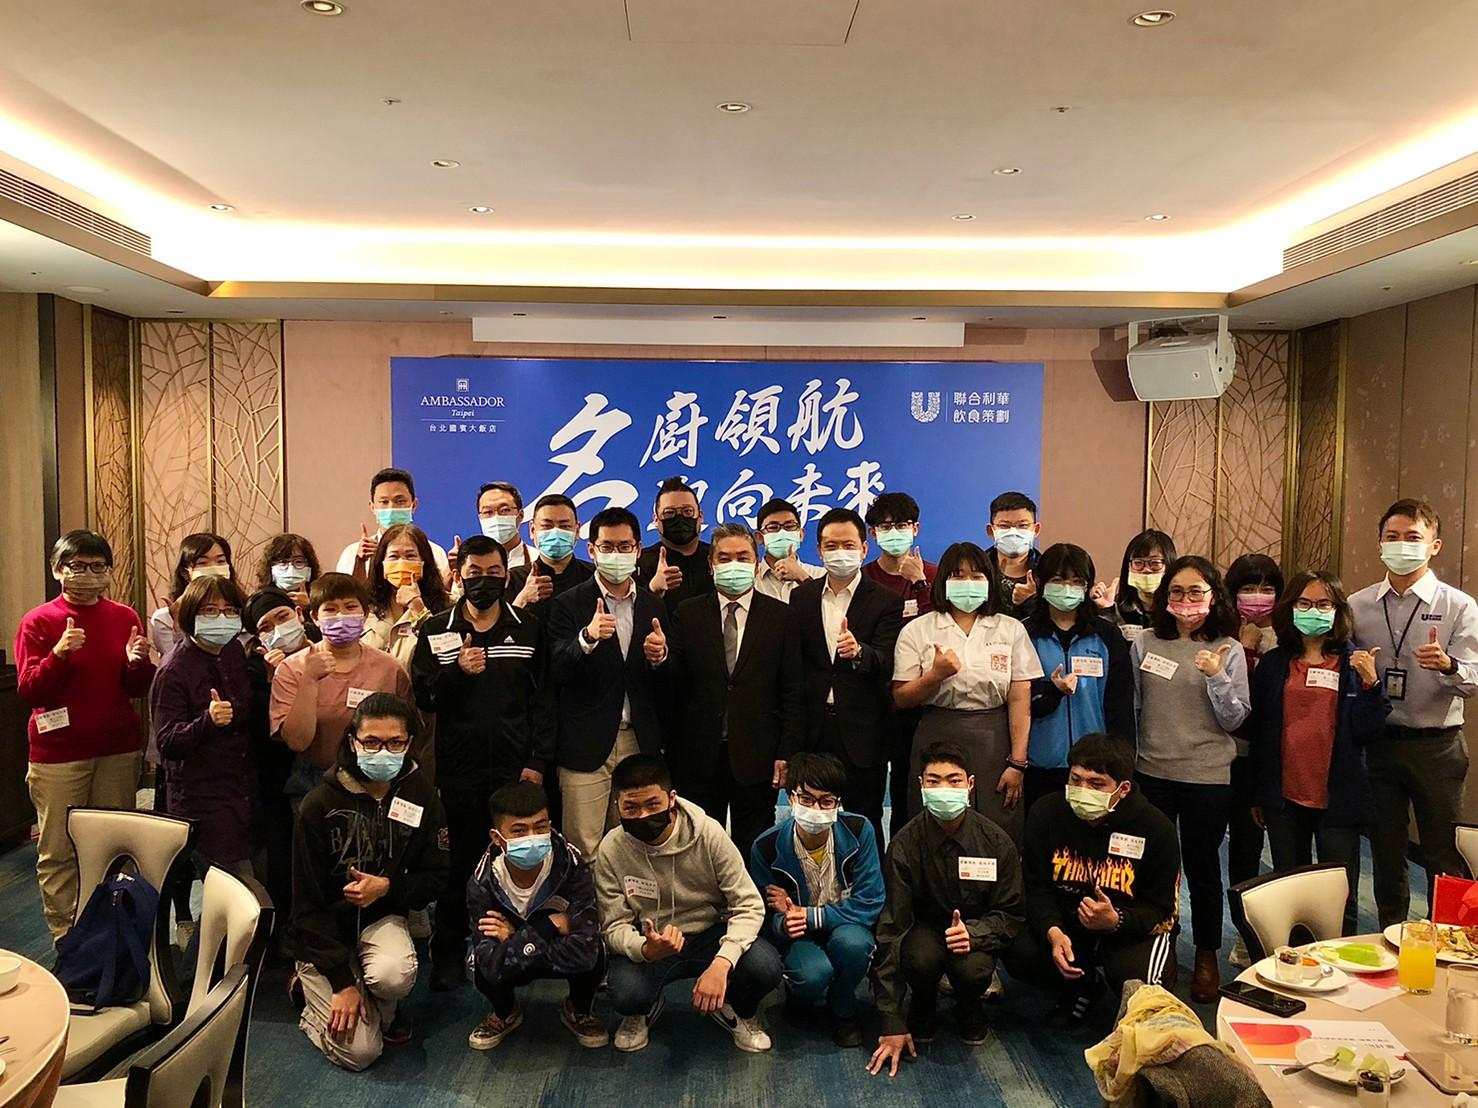 國賓飯店攜手聯合利華飲食策劃 明星大廚訓練班正式開課